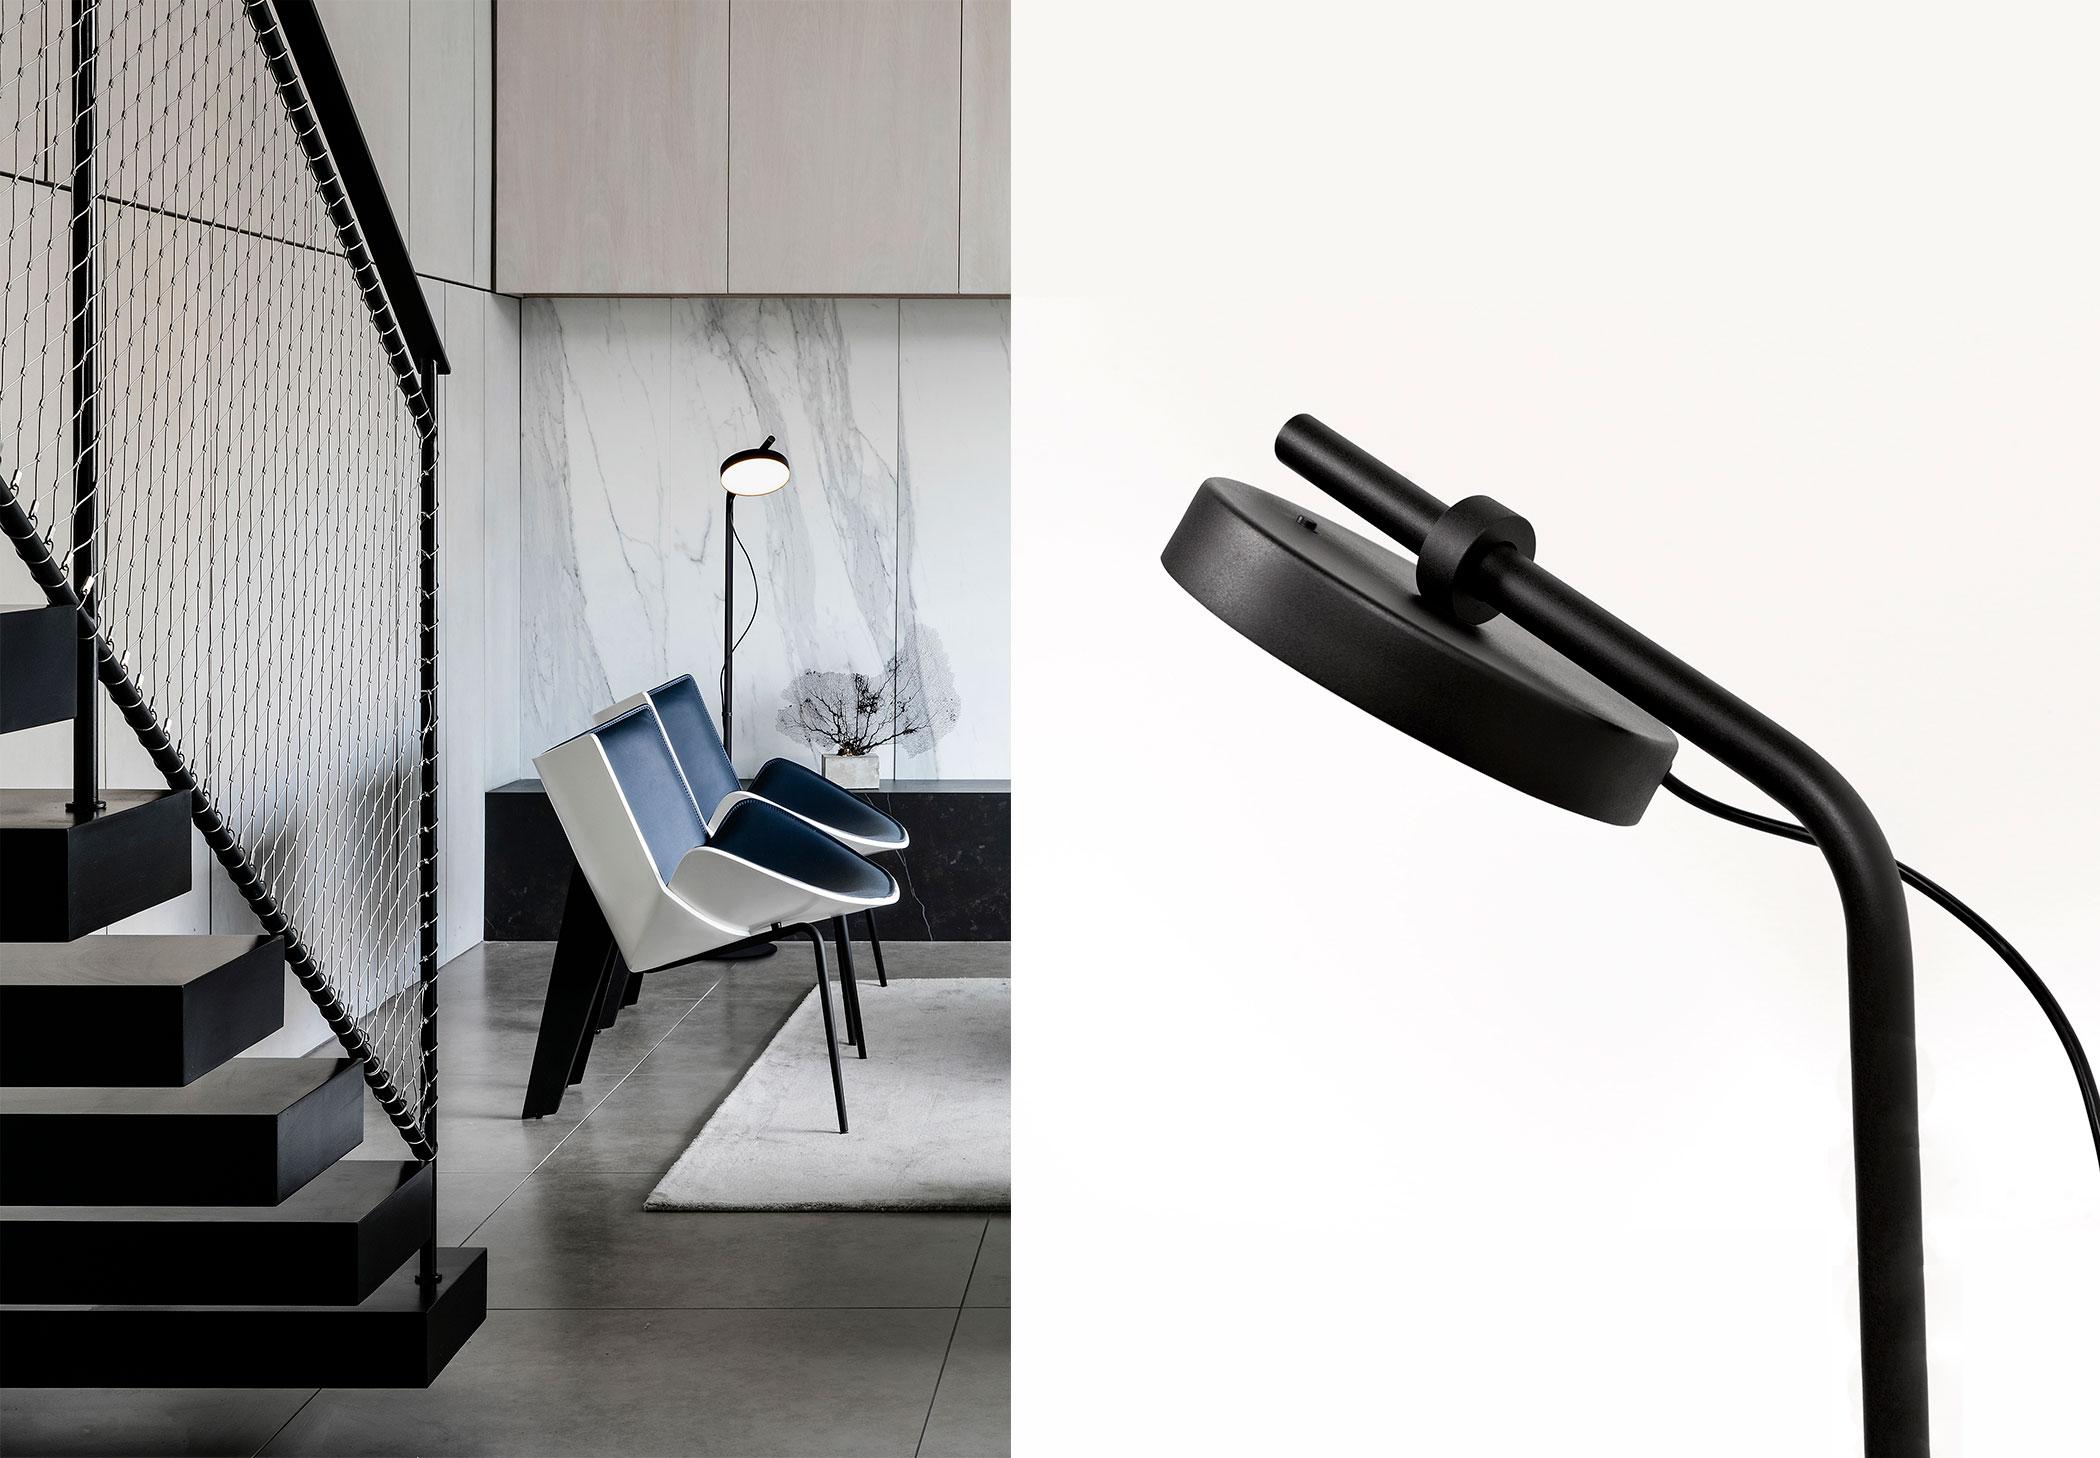 Estiluz Aro P 3548 Floor Lamp Image Ambient 03